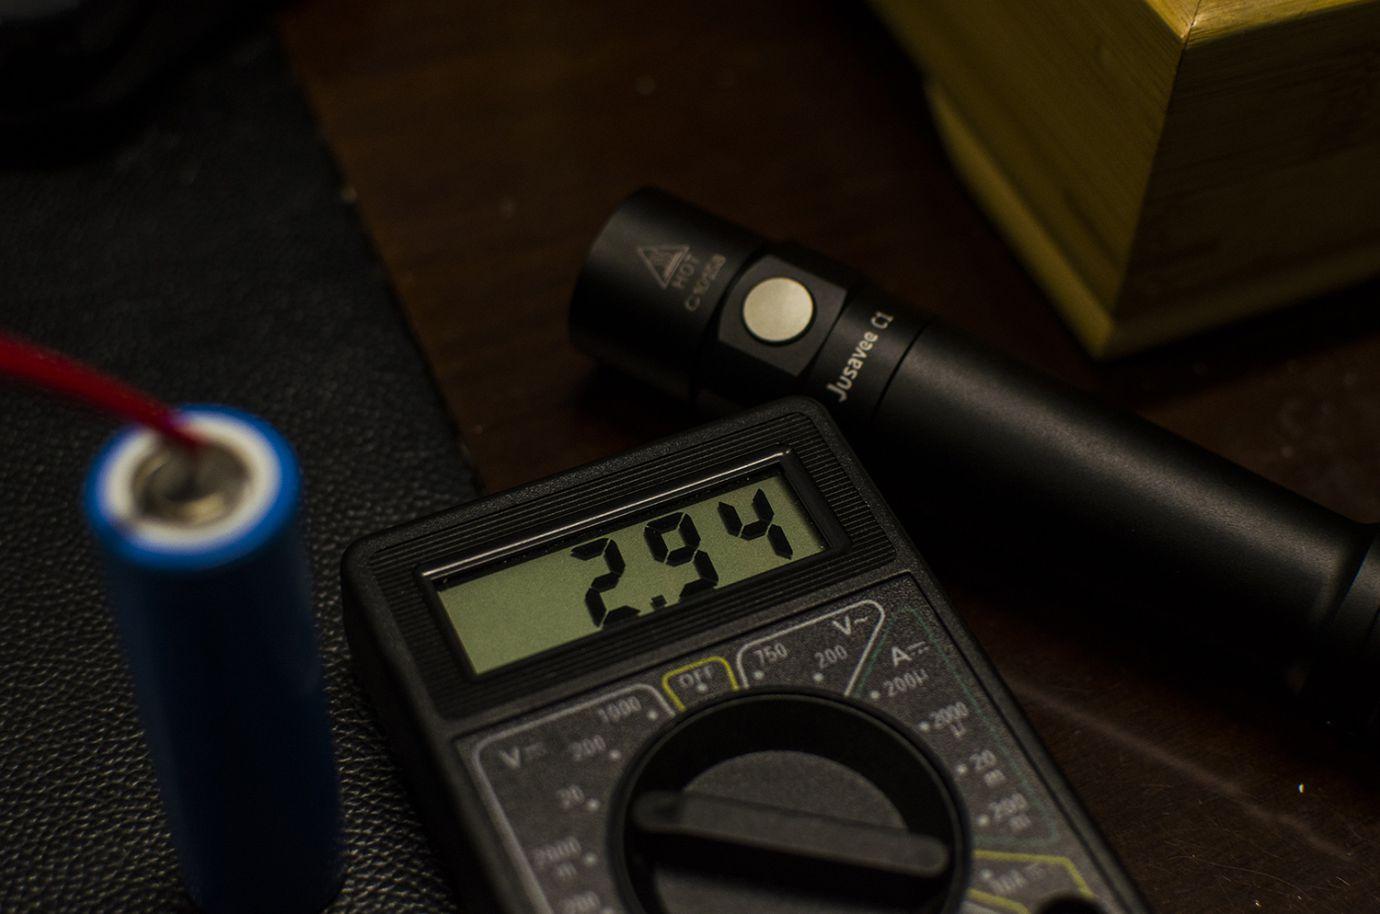 4.6截止电压.jpg